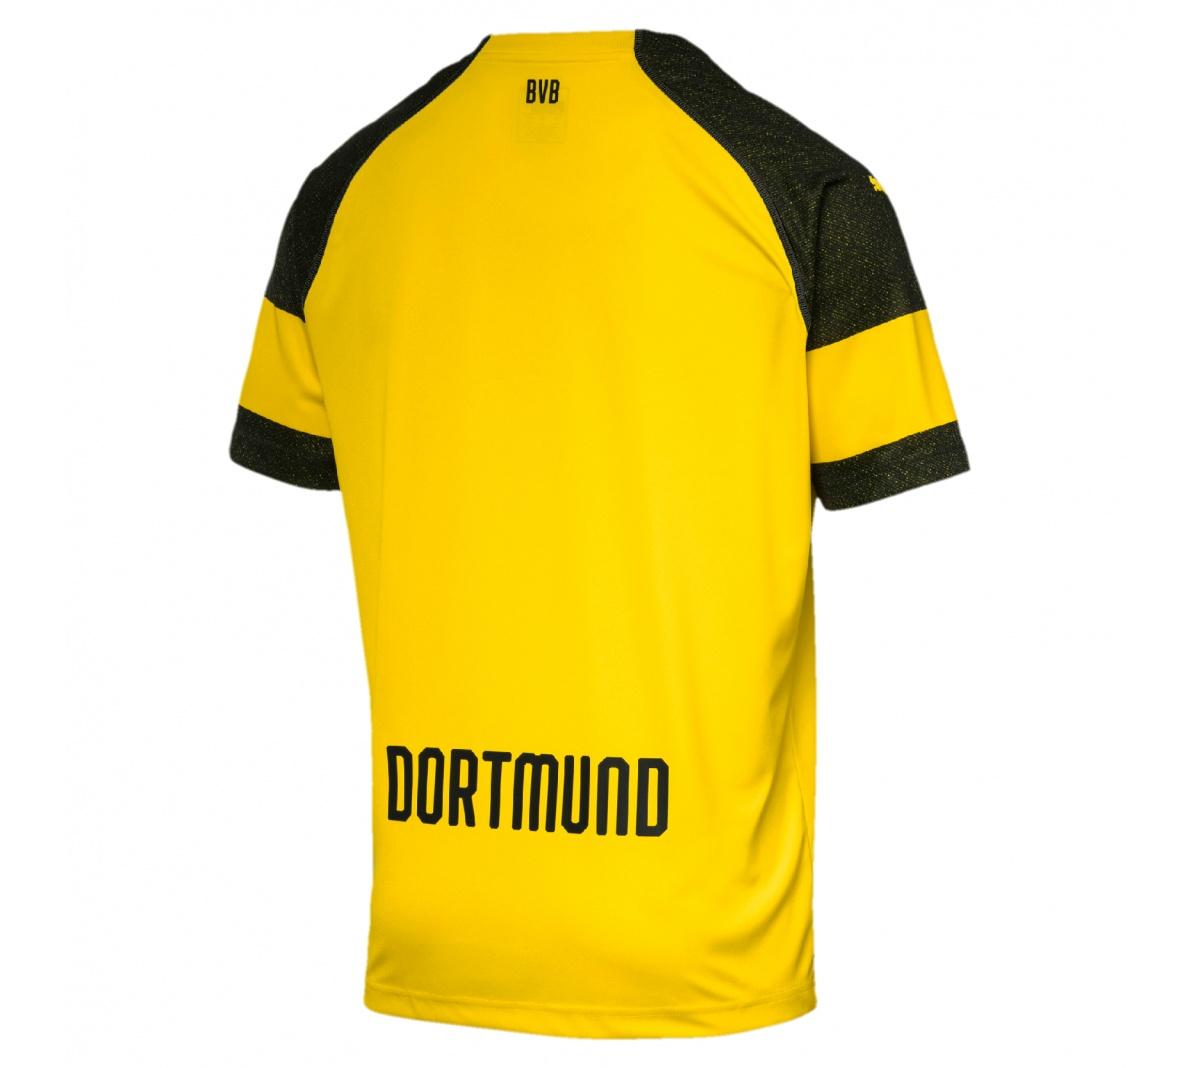 Camisa Puma Borussia Dortmund I Puma Infantil 18/19.